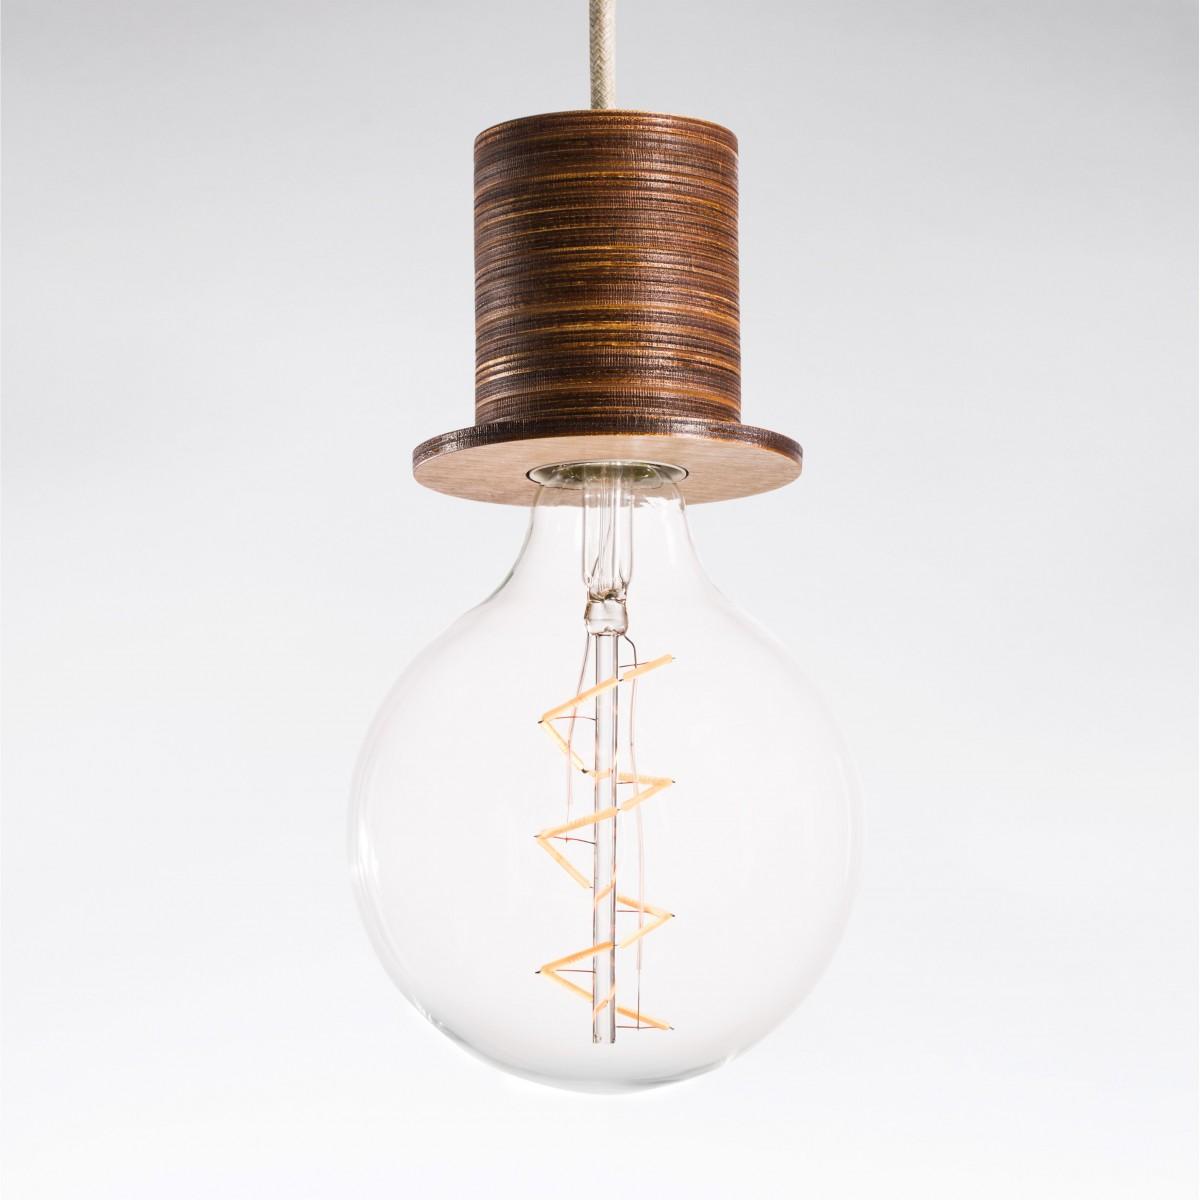 """Lichtliebe Pendelleuchte """"Fafoo"""" in dunkelbraun und Leinen natur inkl. Edison Spiral LED im Retro Design mit nur 1,8 Watt"""